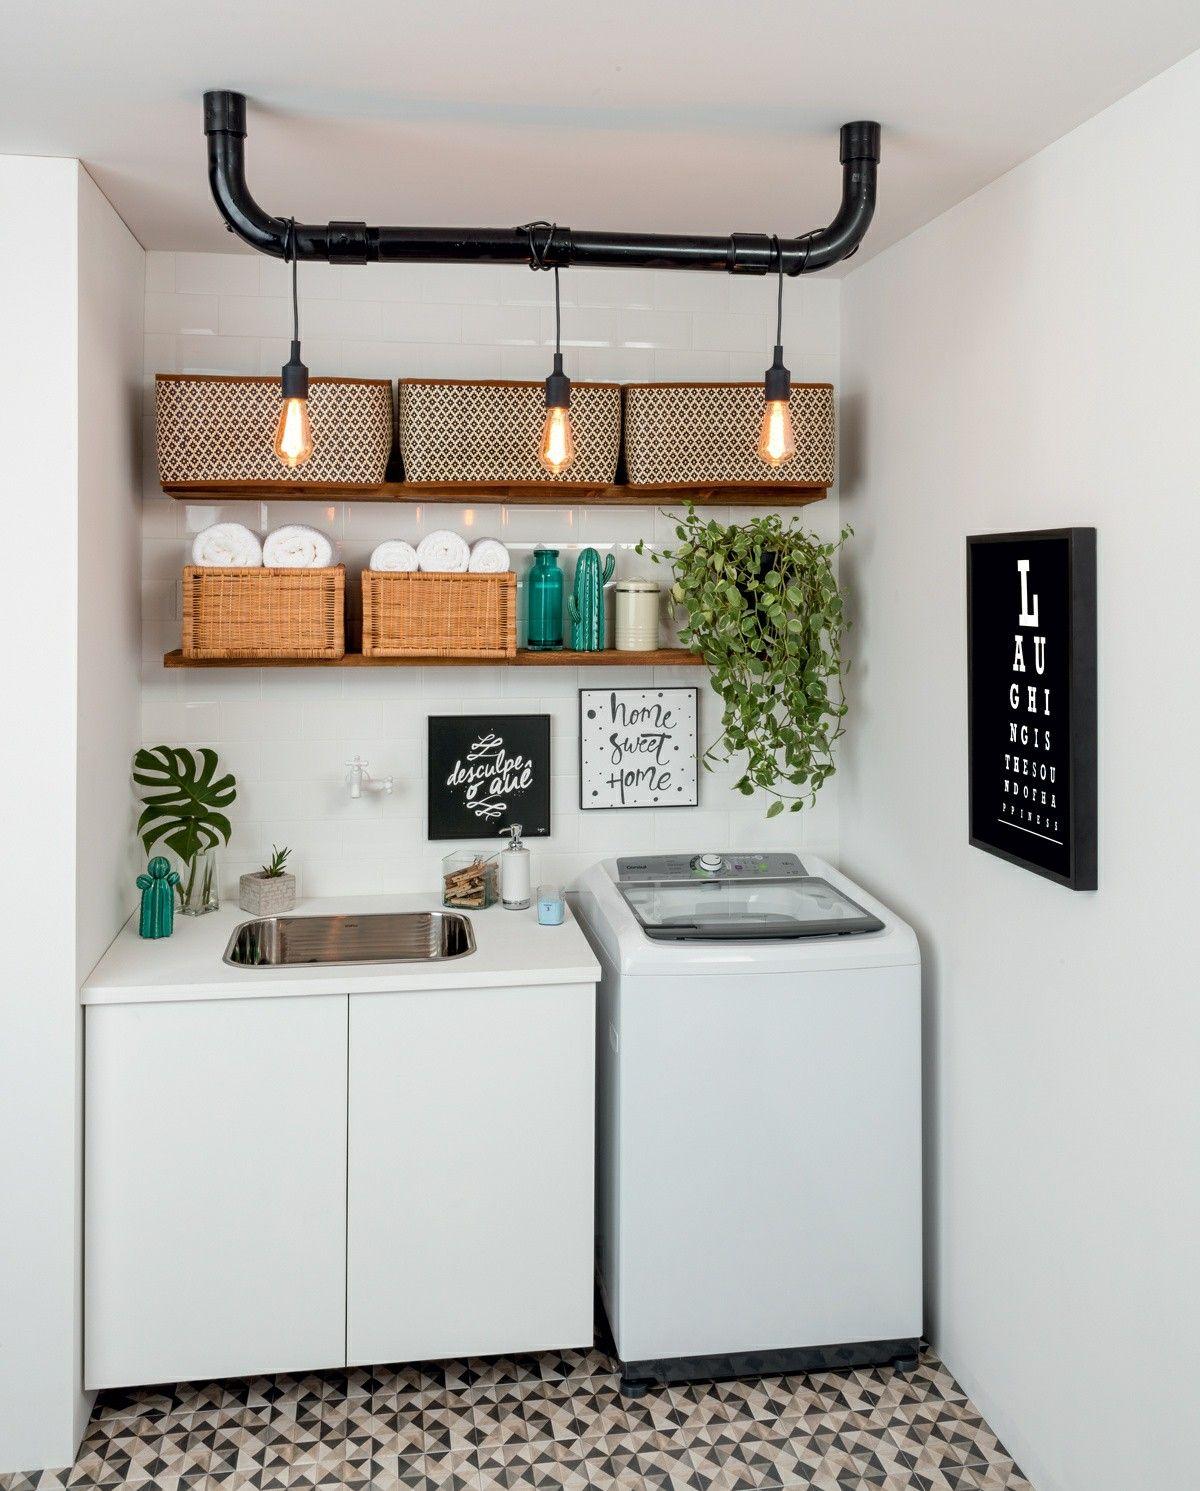 Decora o de lavanderia revista casa claudia for Muebles lavanderia casa